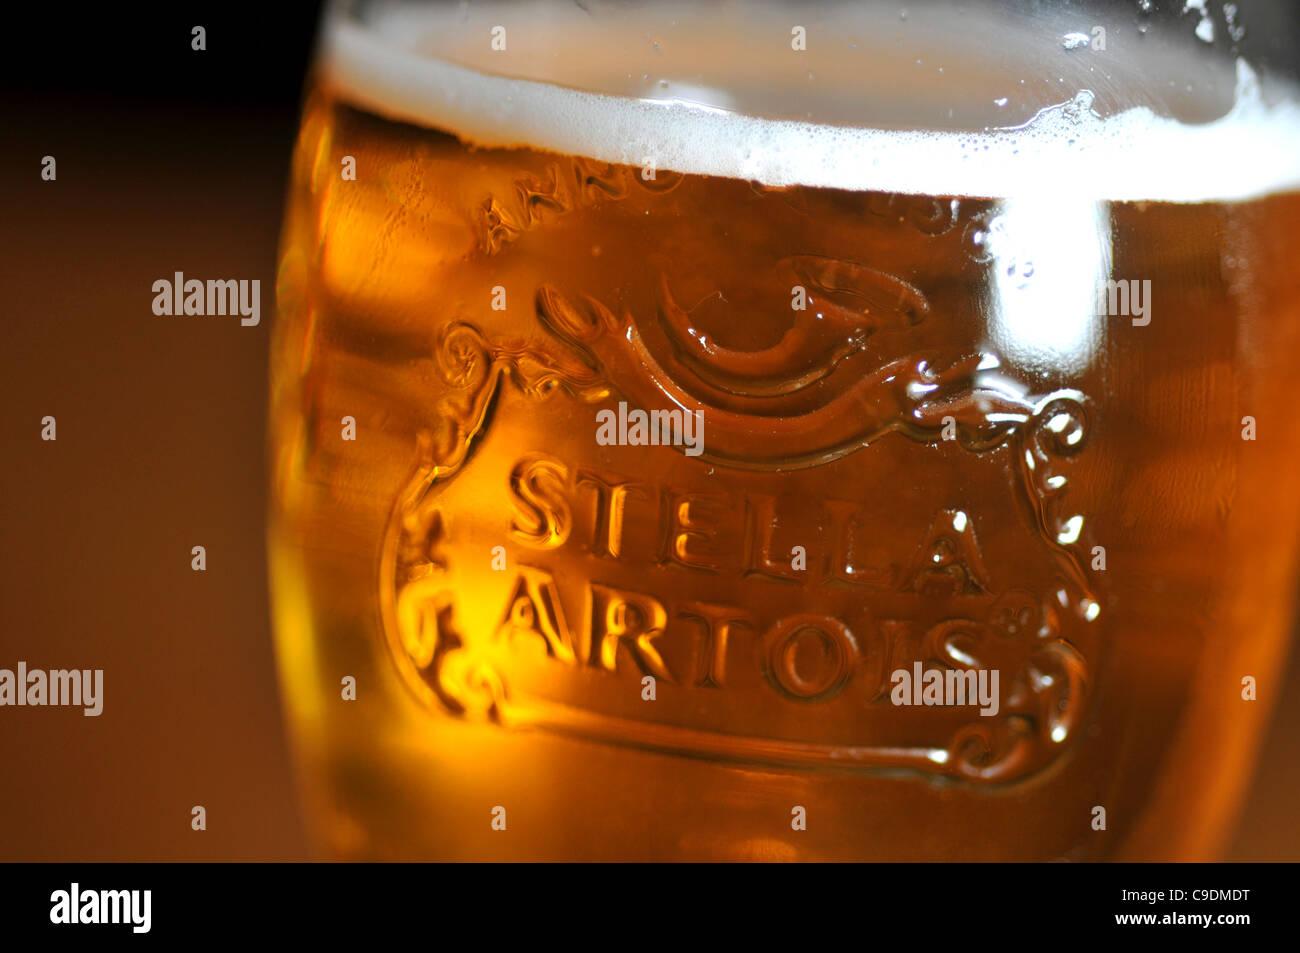 Stella Artois lager, Stella Artois - Stock Image